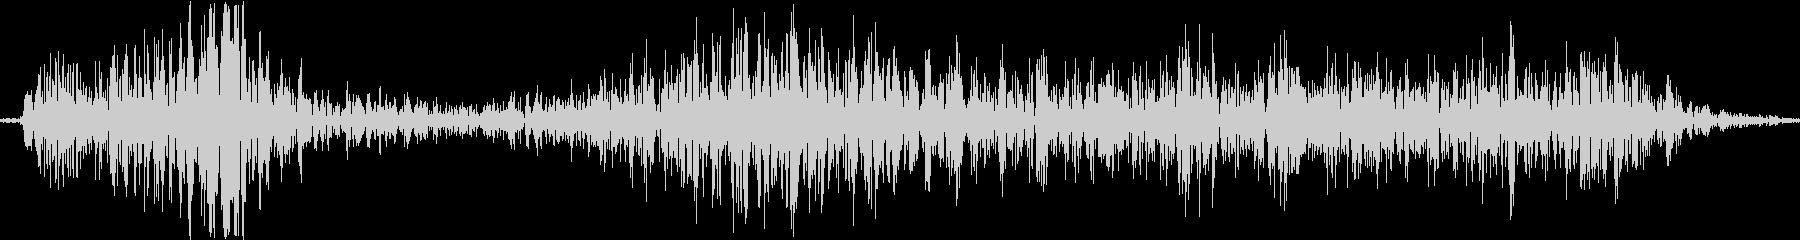 ディギシ。殴る音の未再生の波形